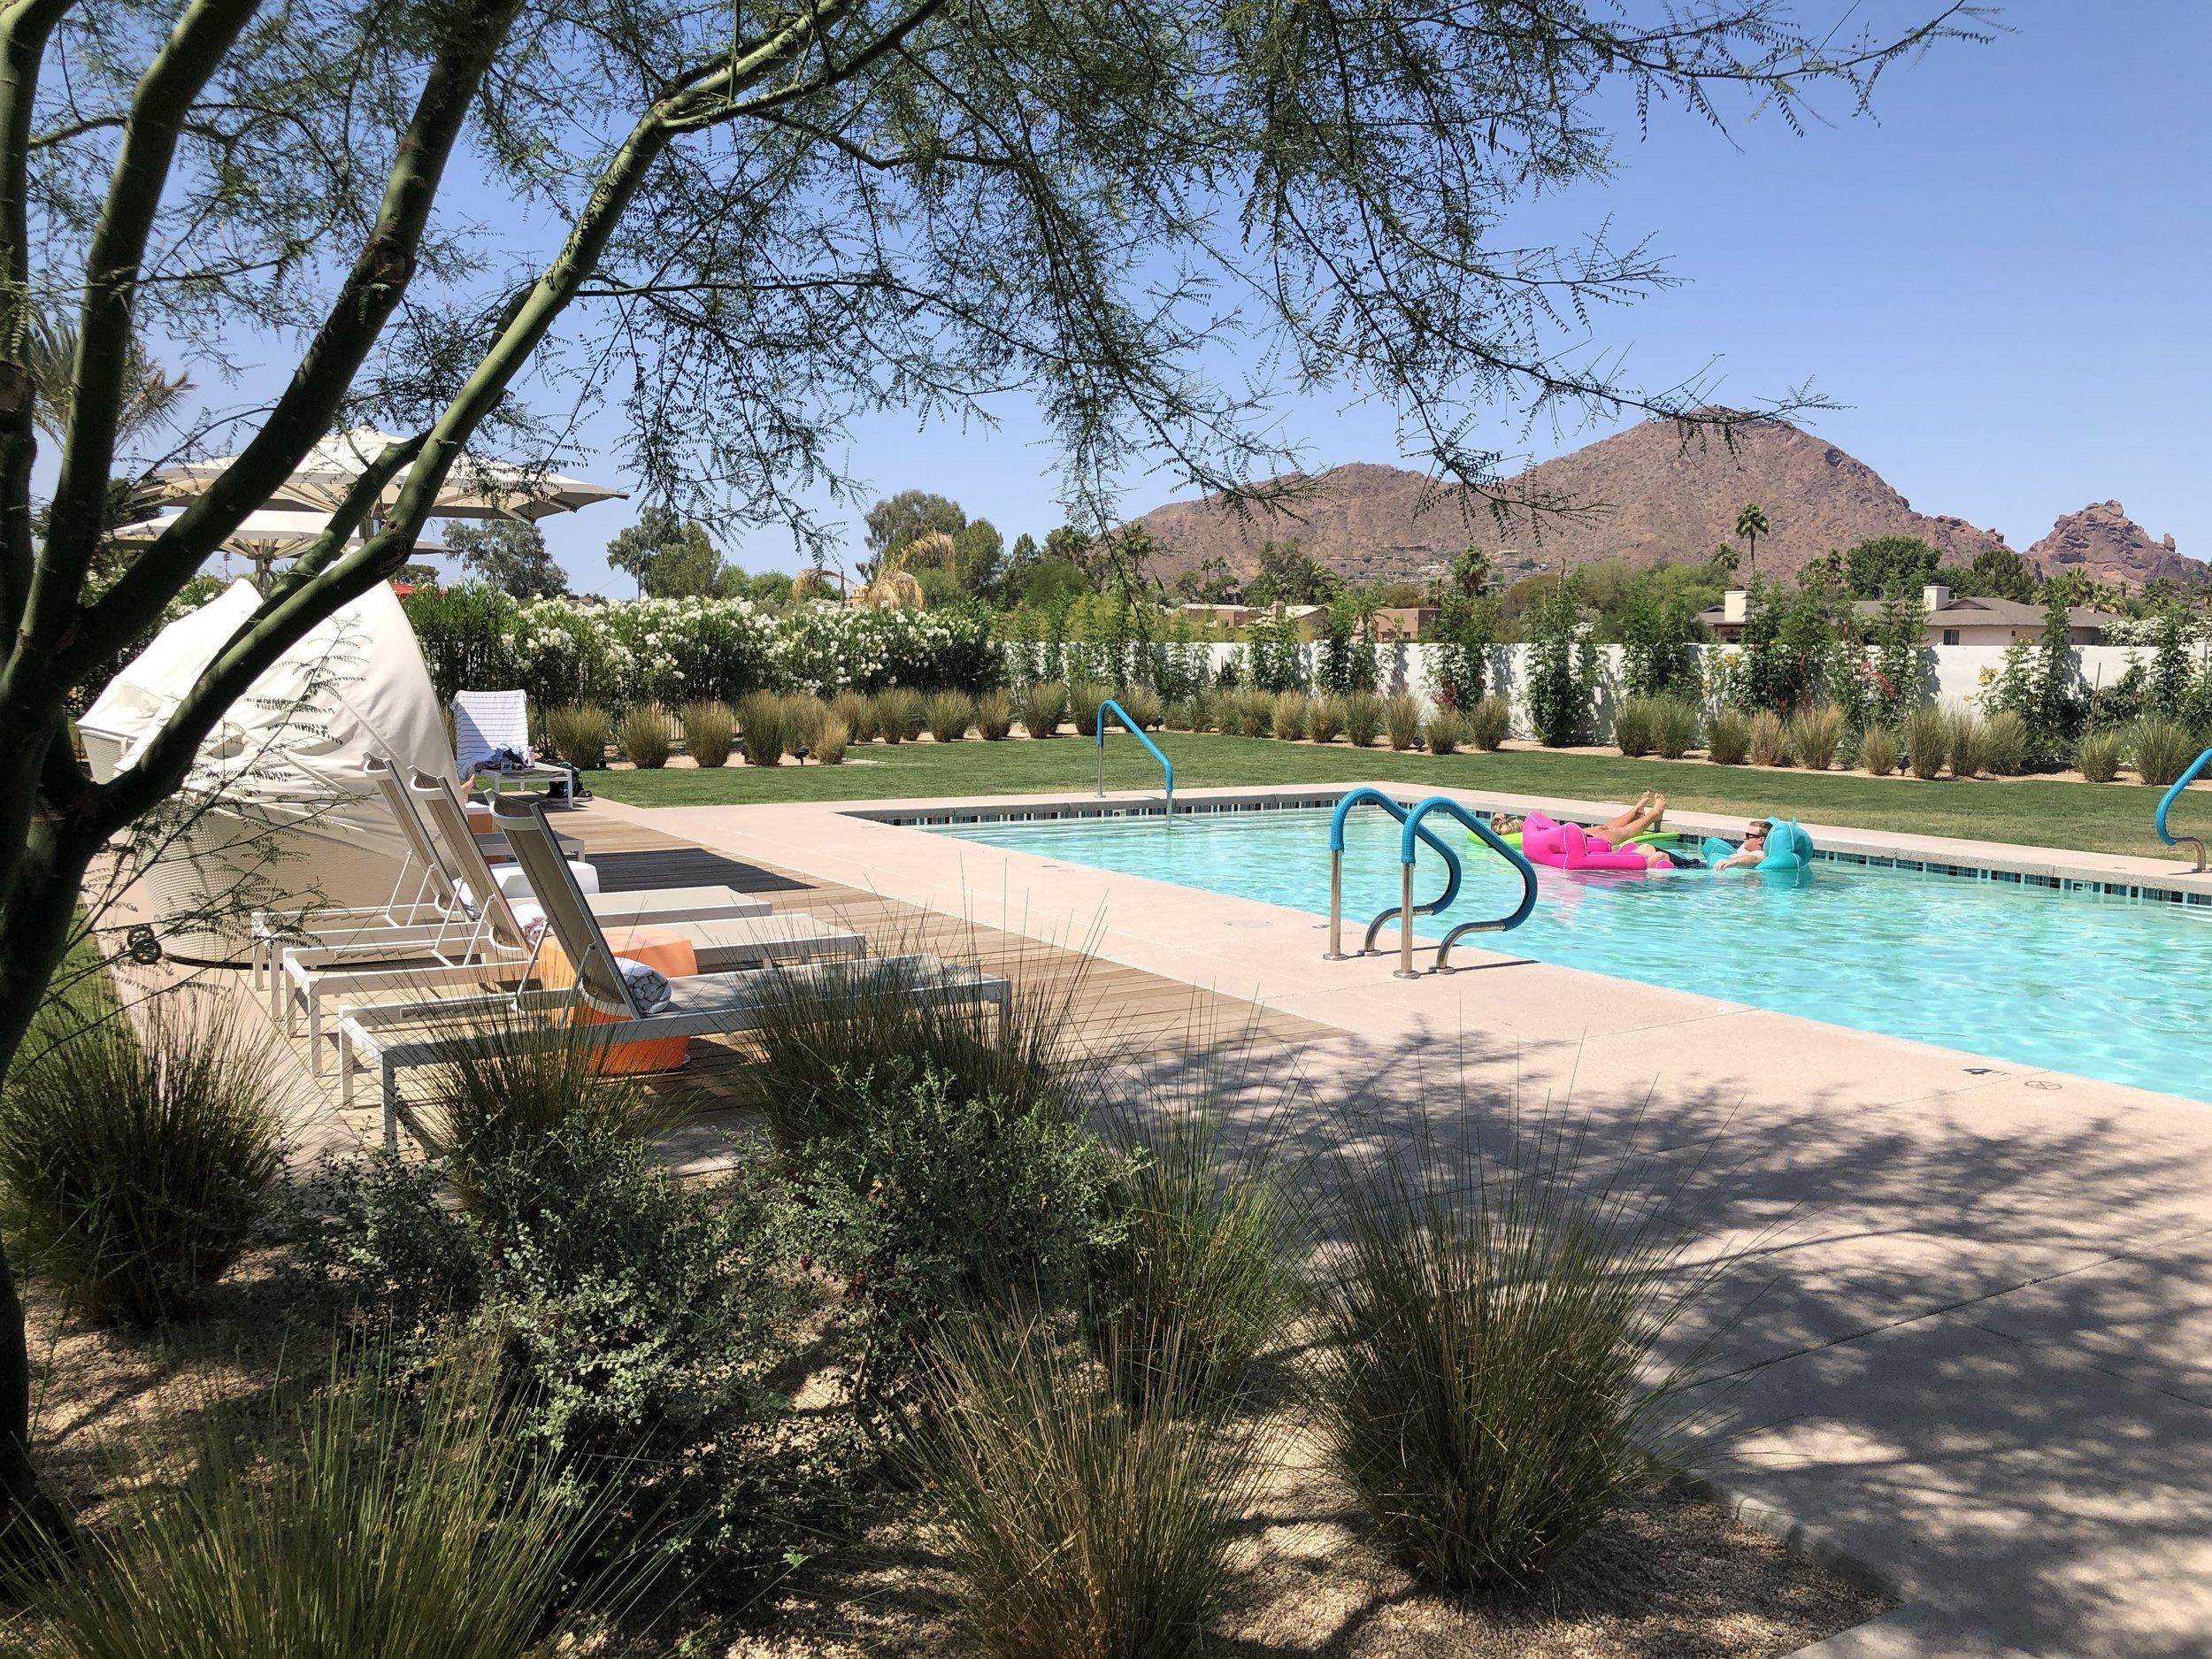 Wanderlust-travel-blog-Andaz-Scottsdale-Arizona